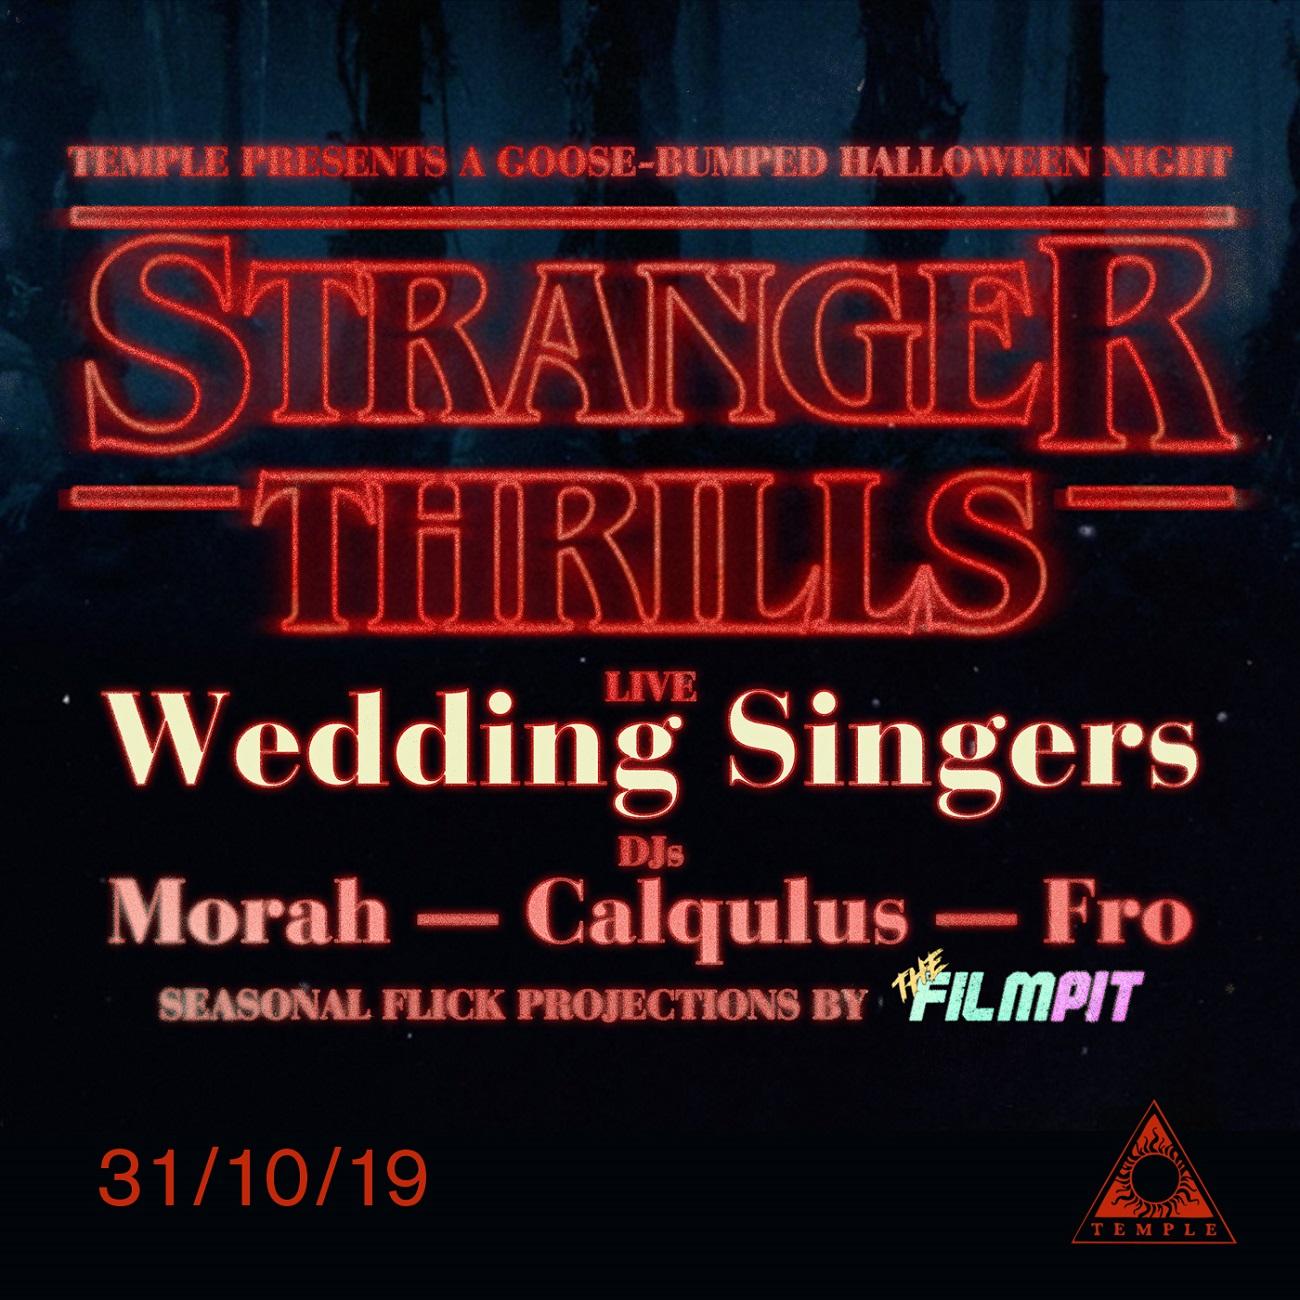 StrangerThrills_insta